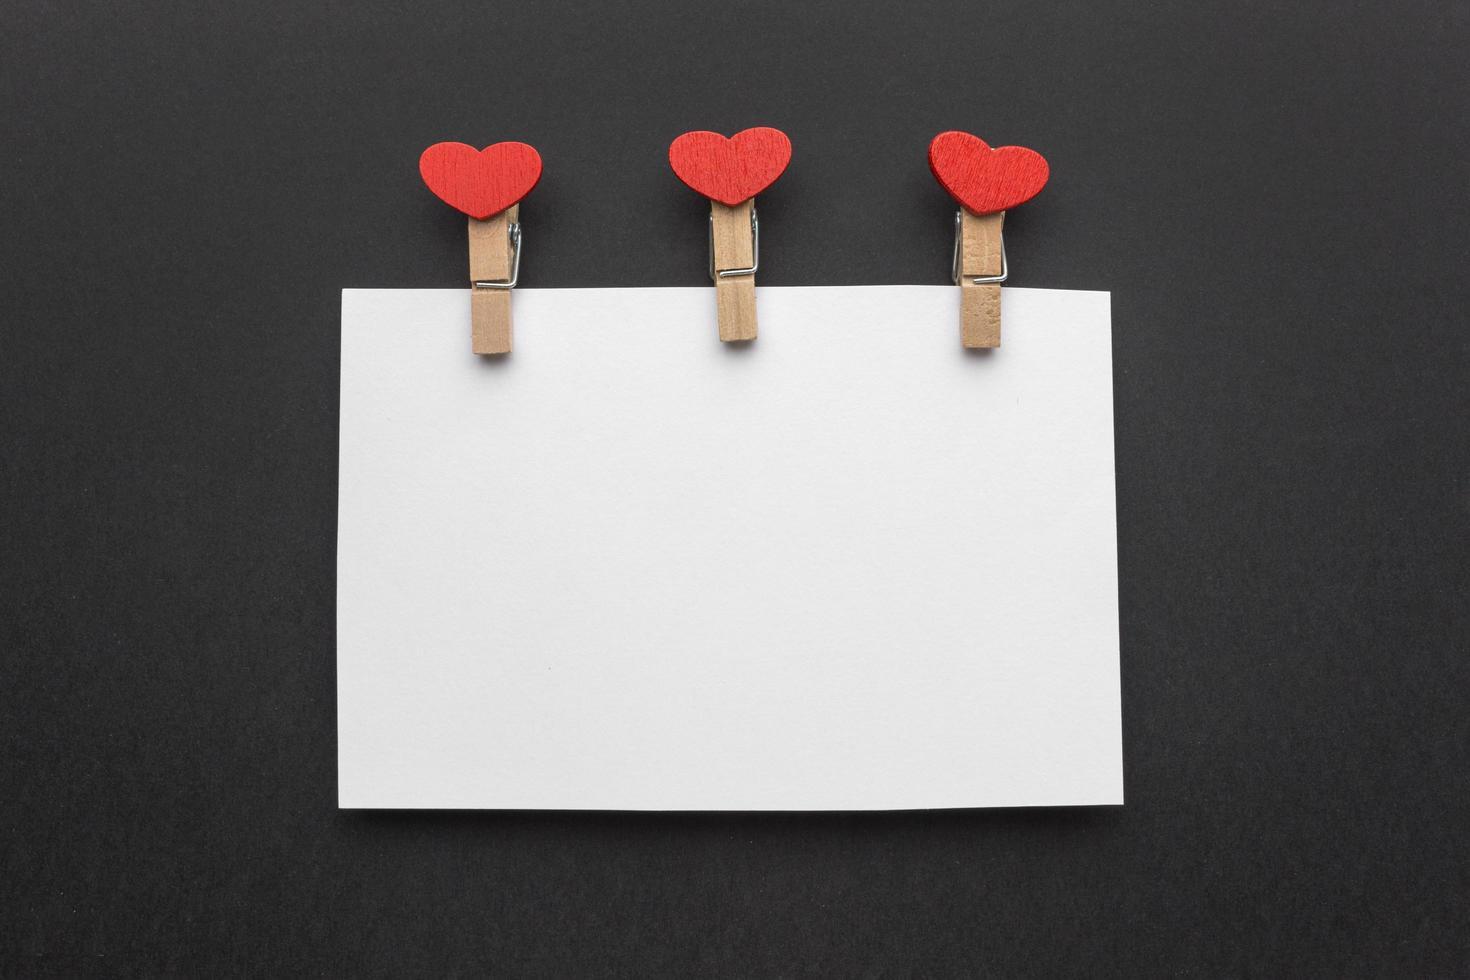 Valentijnsdag notitie mock-up op een zwarte achtergrond foto